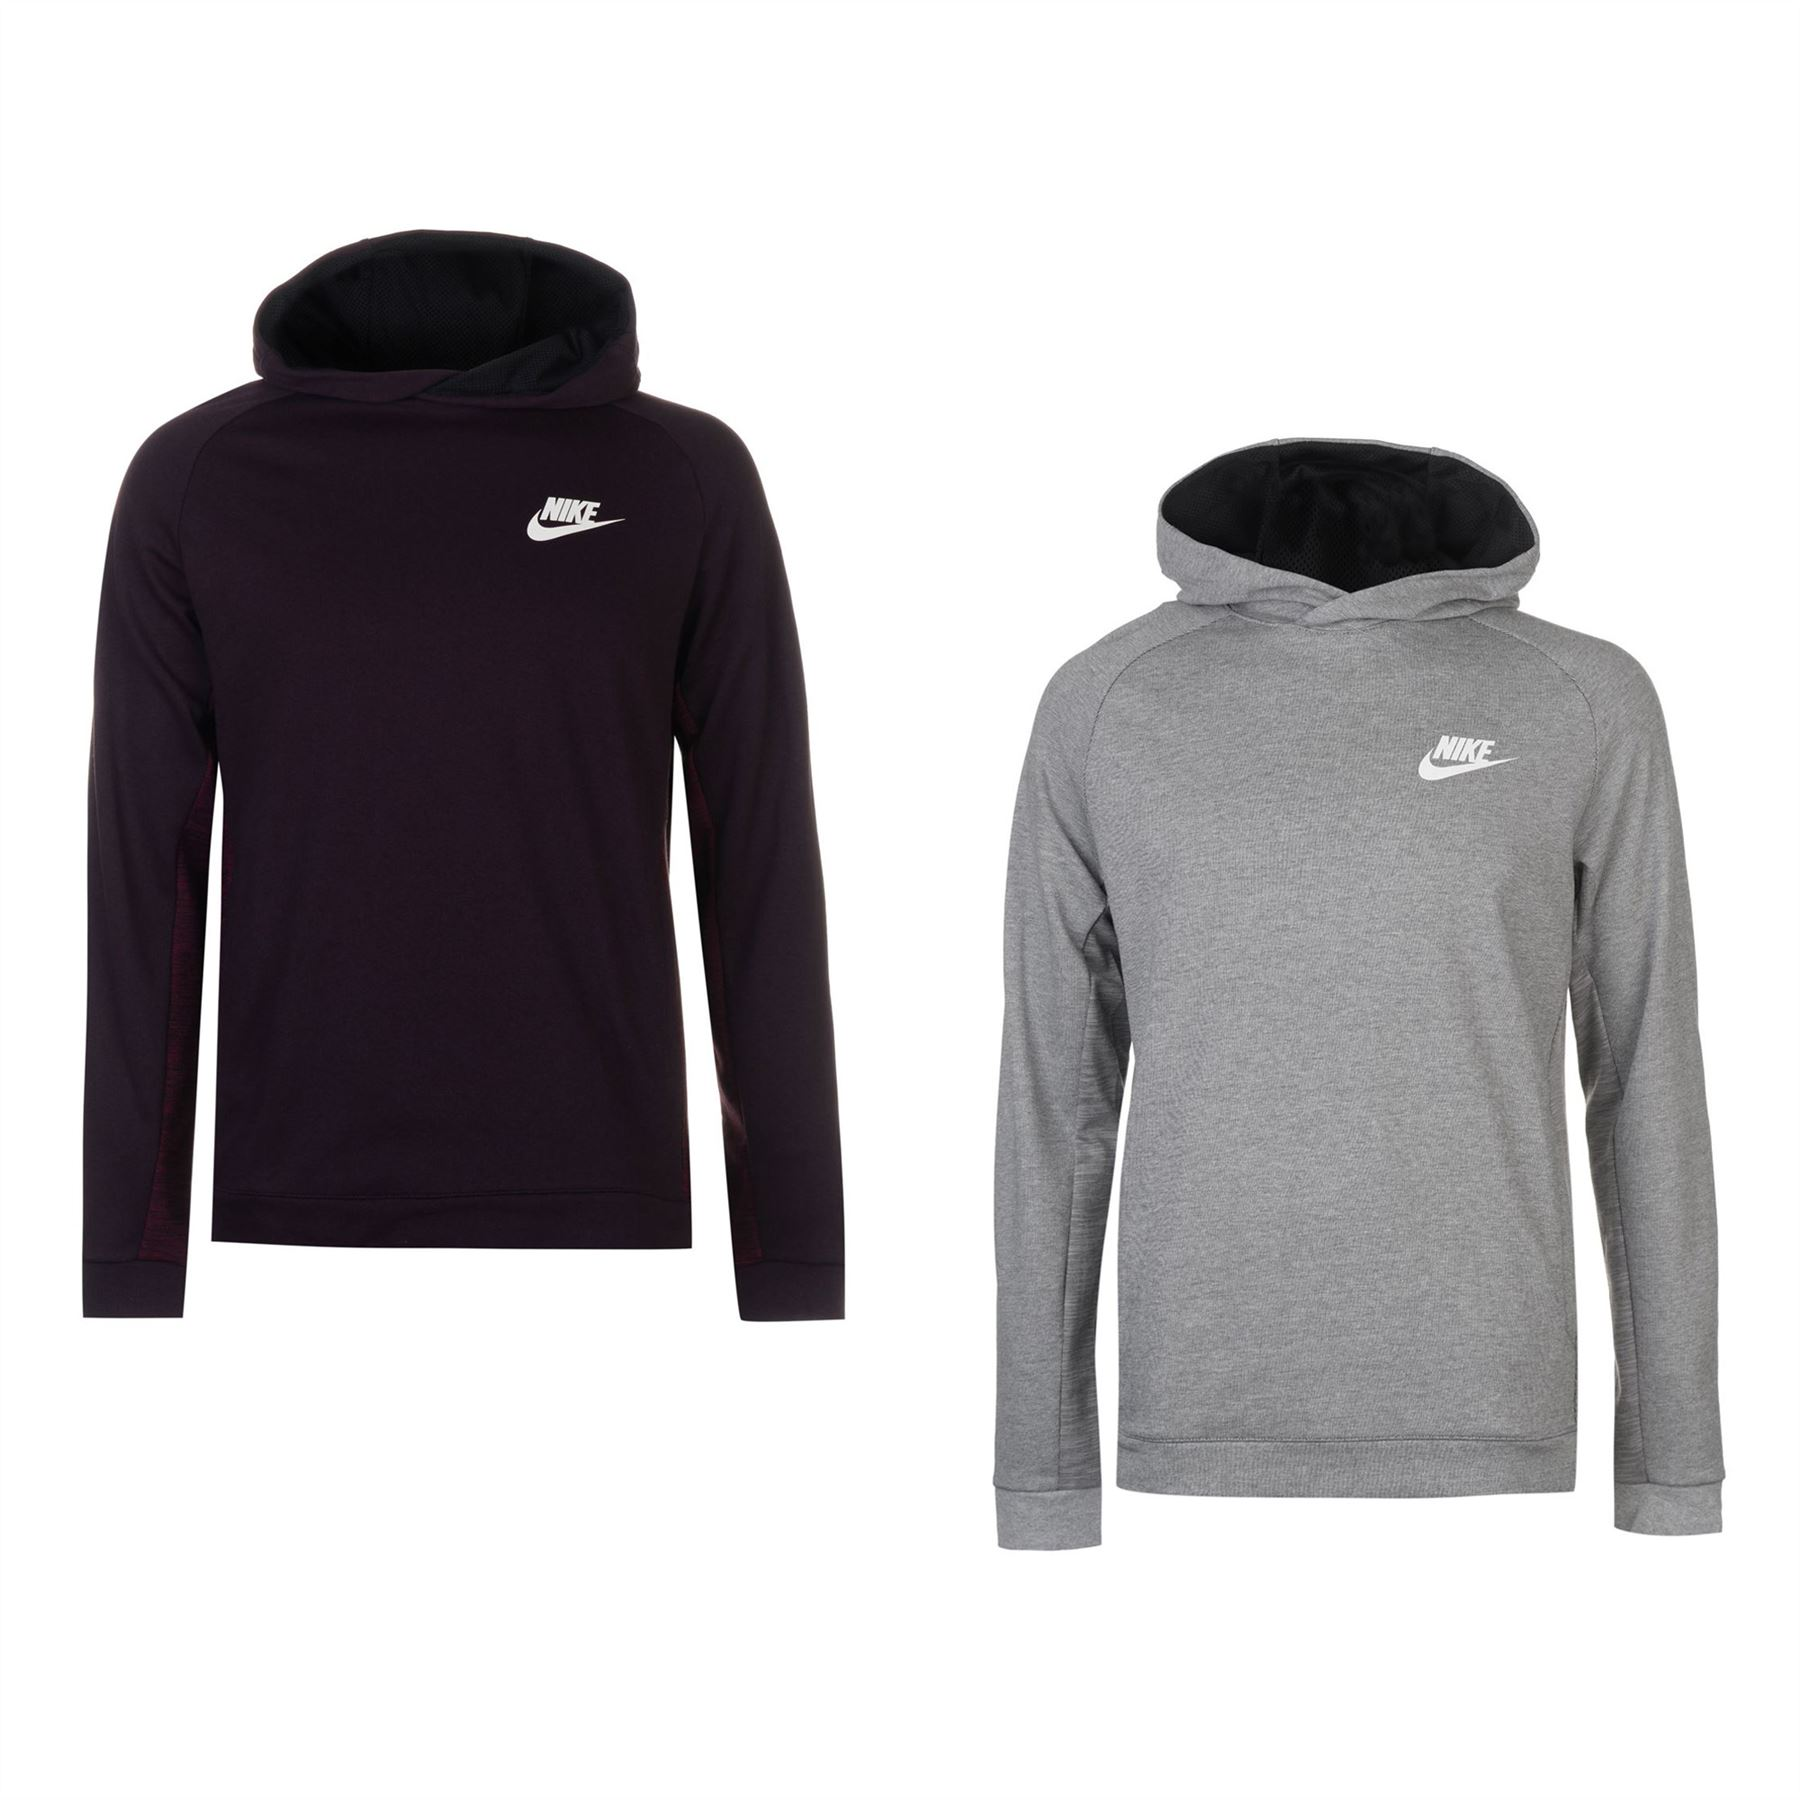 0a296c69e6 ... Nike AV15 Pullover Hoody Mens OTH Hoodie Sweatshirt Sweater Hooded Top  ...